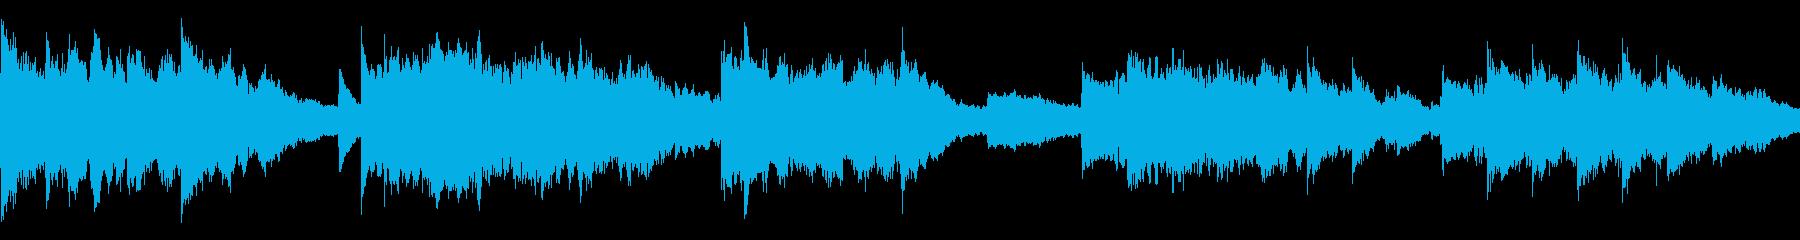 フルートが奏でる優しいメロディーの再生済みの波形